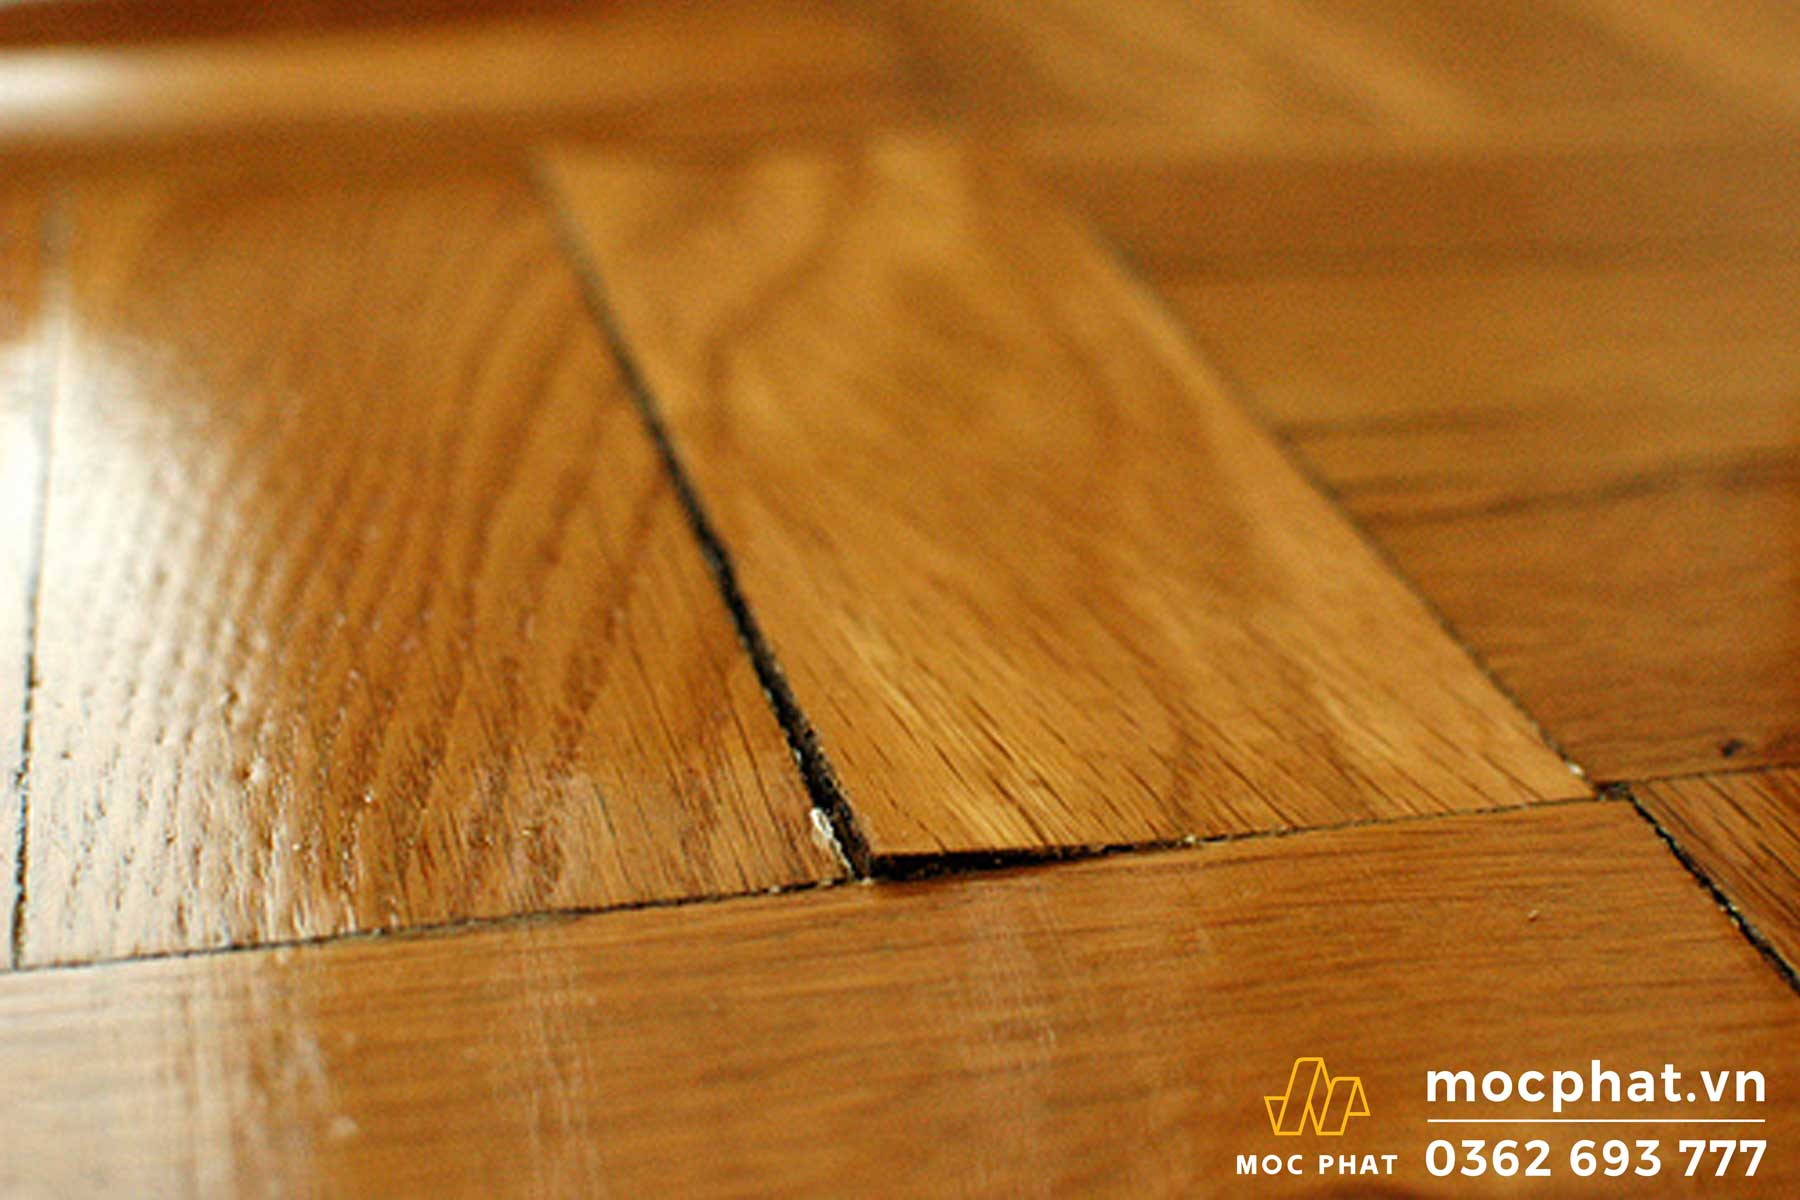 Nguyên nhân sâu xa khiến sàn gỗ bị cong vênh